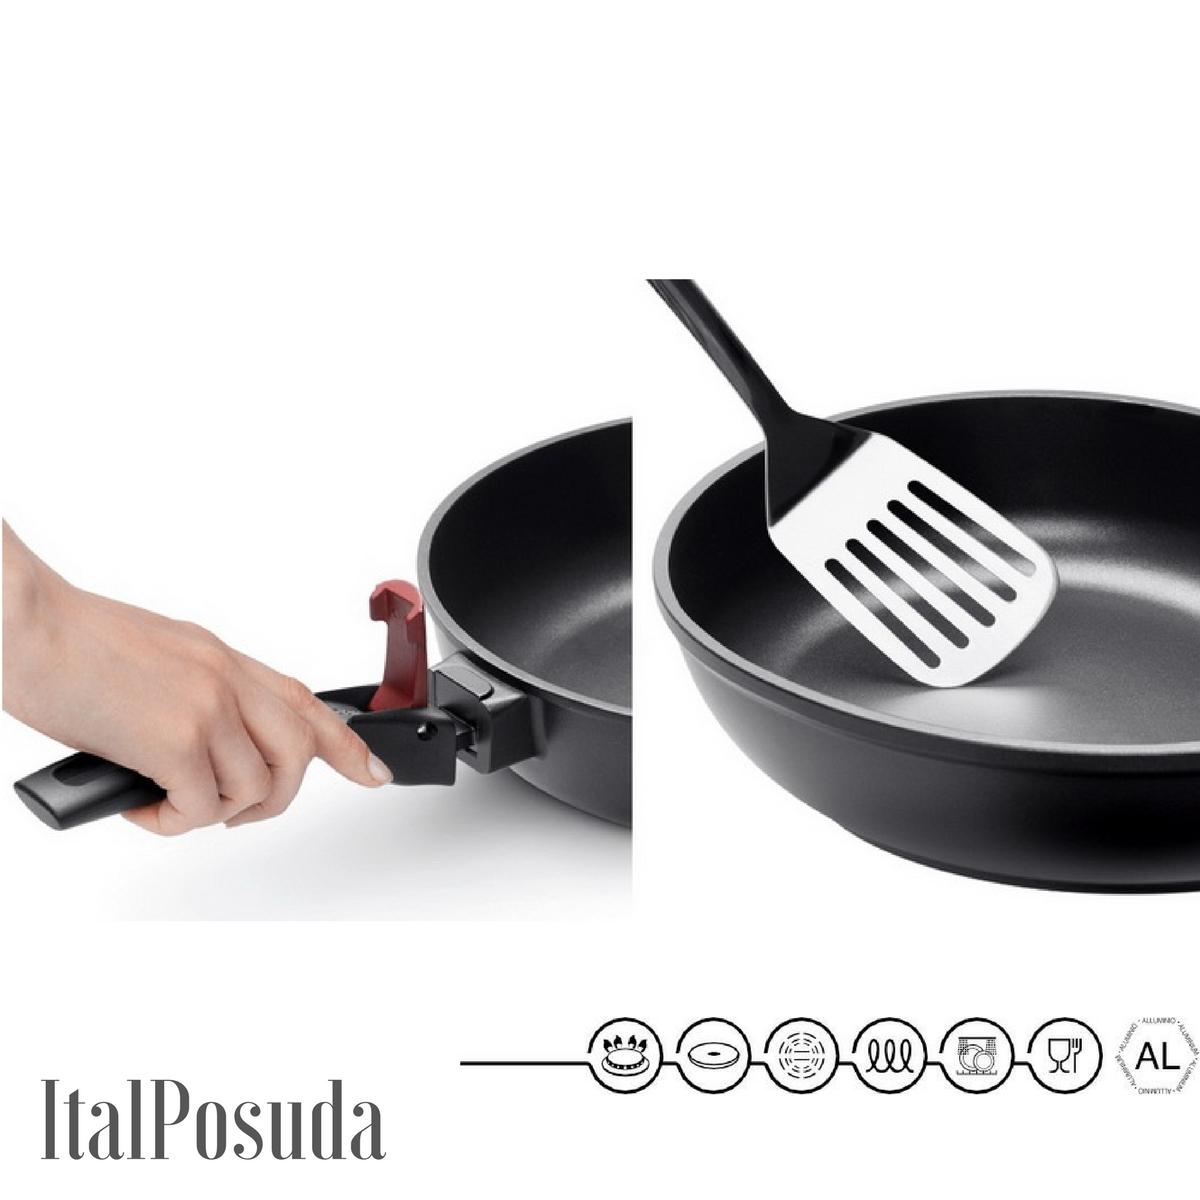 Блинная сковорода со съемной ручкой NADOBA VILMA, 26 см